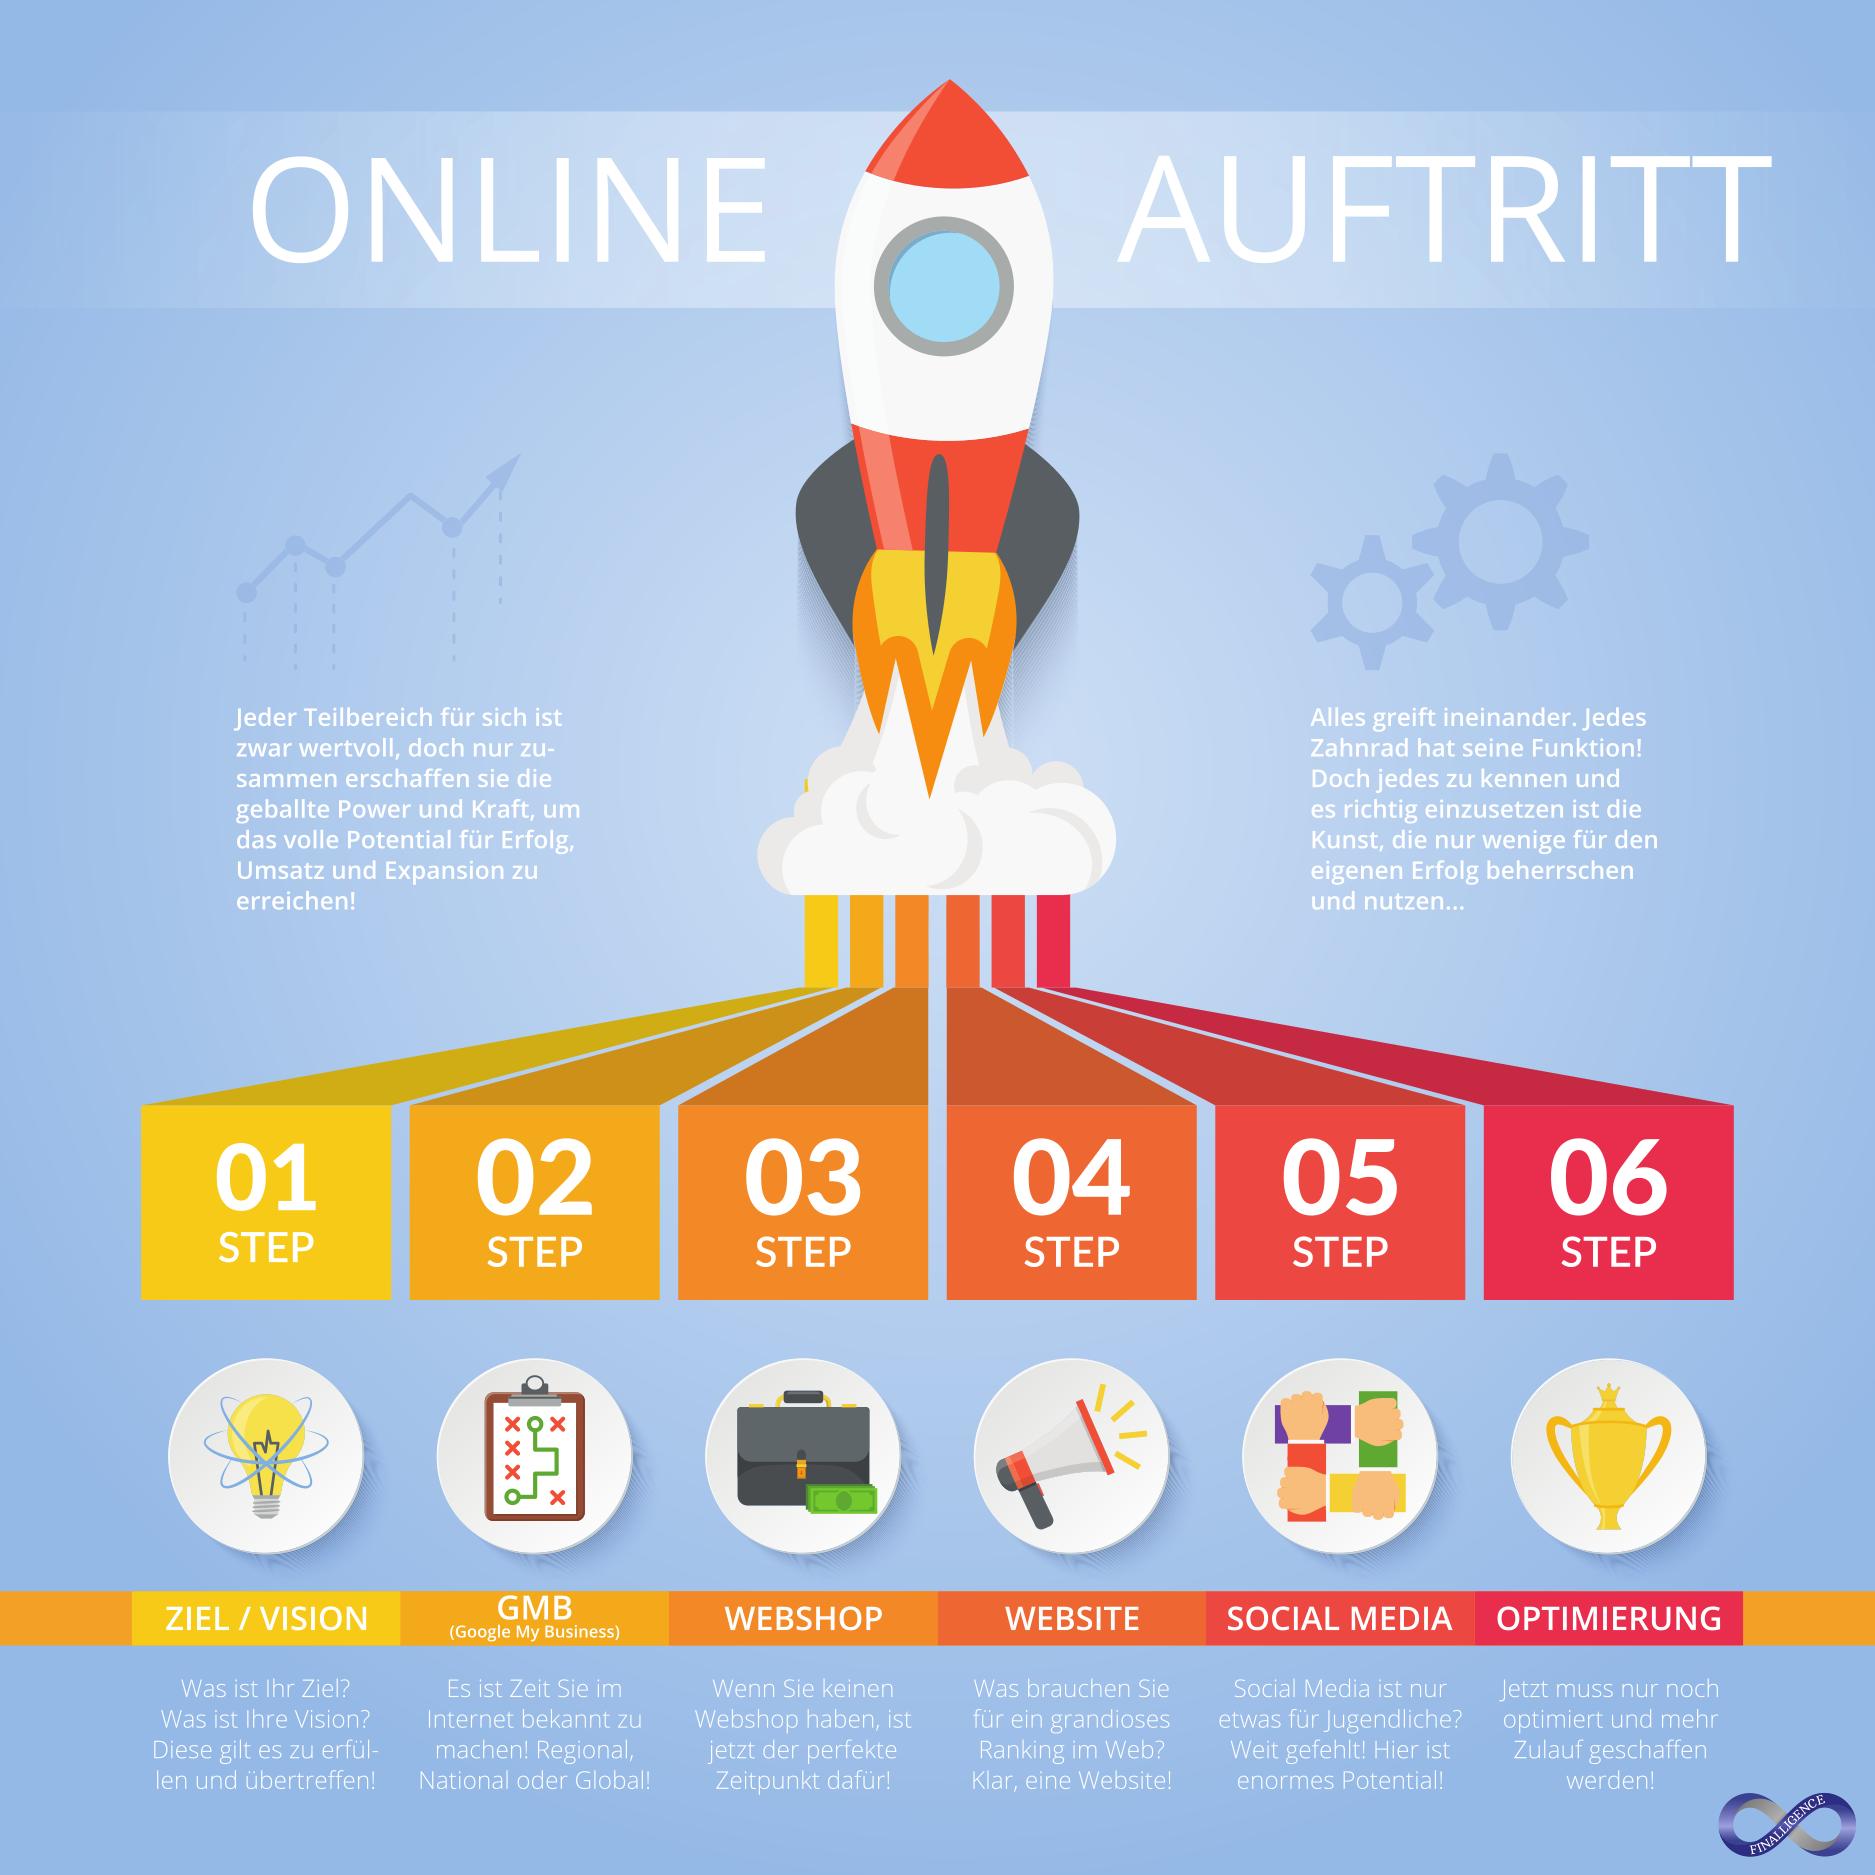 Online Auftritt Rakete für sichtbaren Erfolg | Finalligence